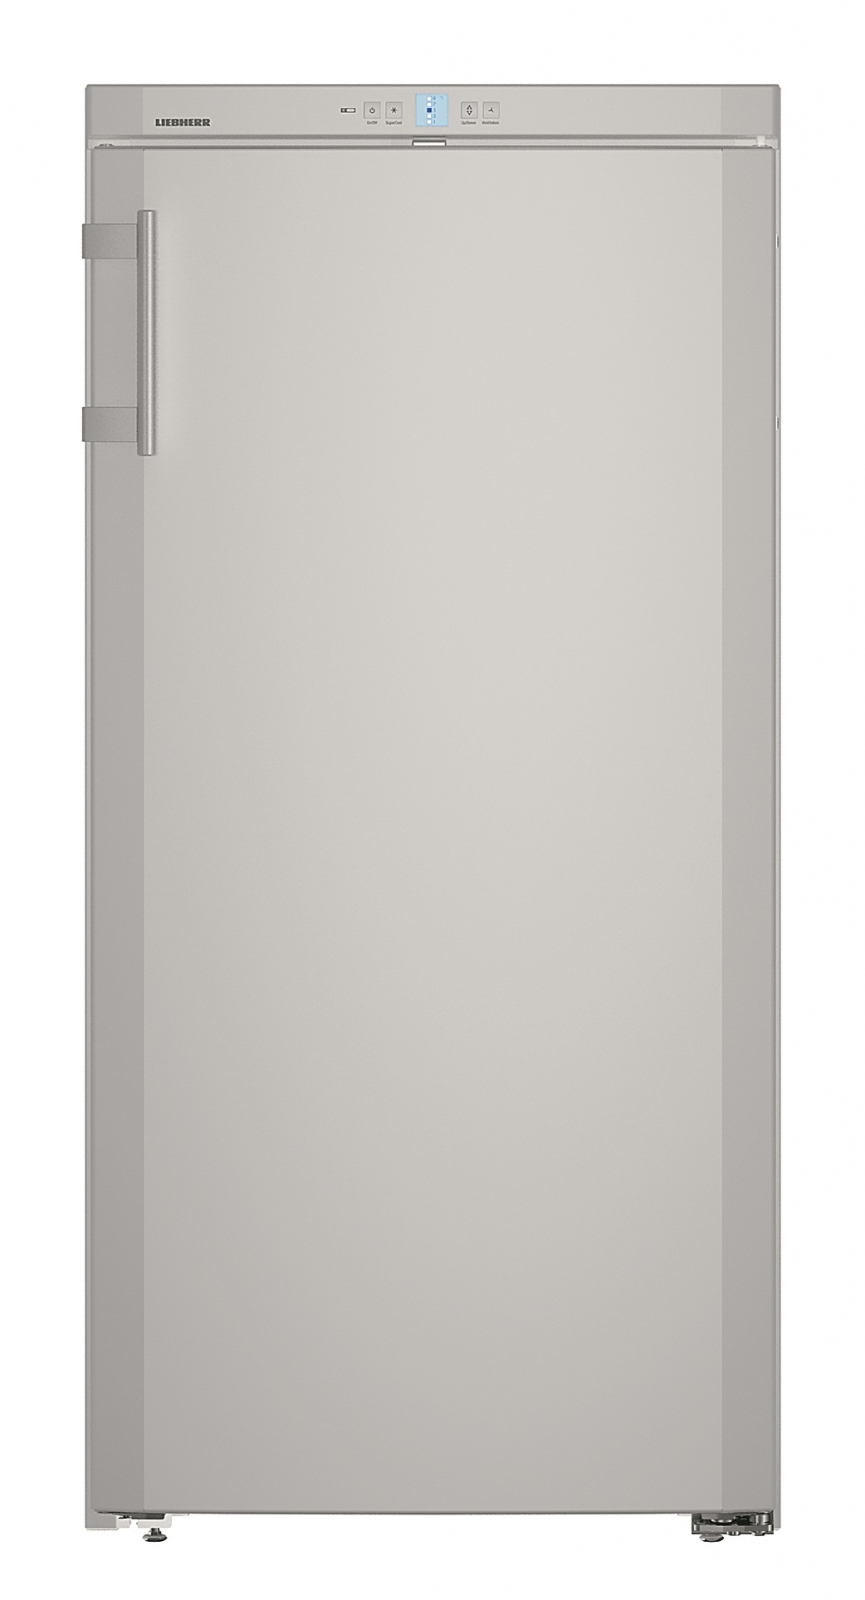 купить Однокамерный холодильник Liebherr Ksl 2630 Украина фото 2